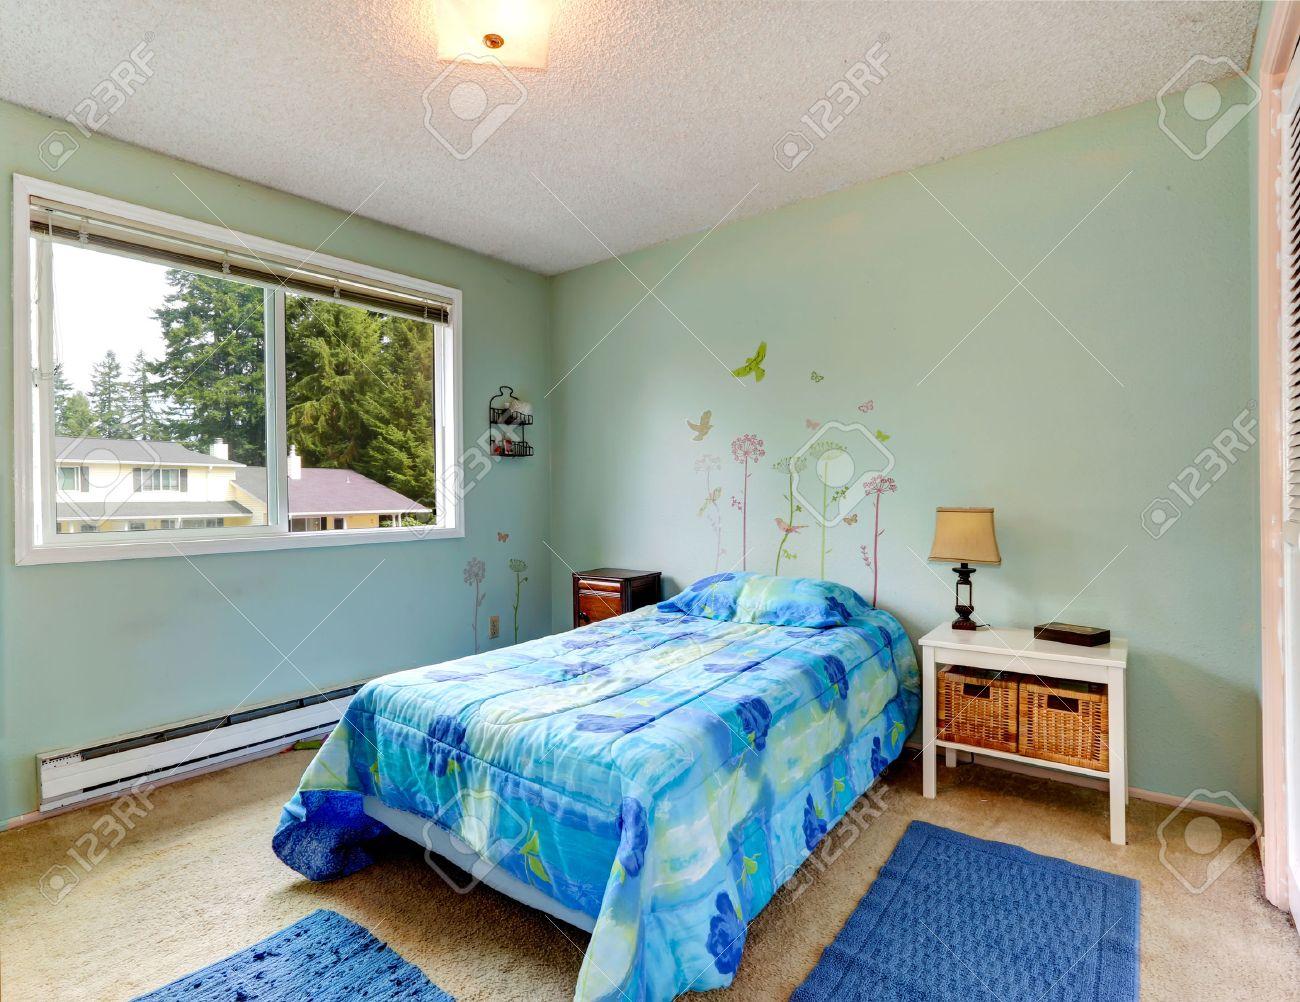 Aqua Tone Kleines Schlafzimmer Interieur Mit Blauen Bett Und Teppiche Lizenzfreie Fotos Bilder Und Stock Fotografie Image 30735360